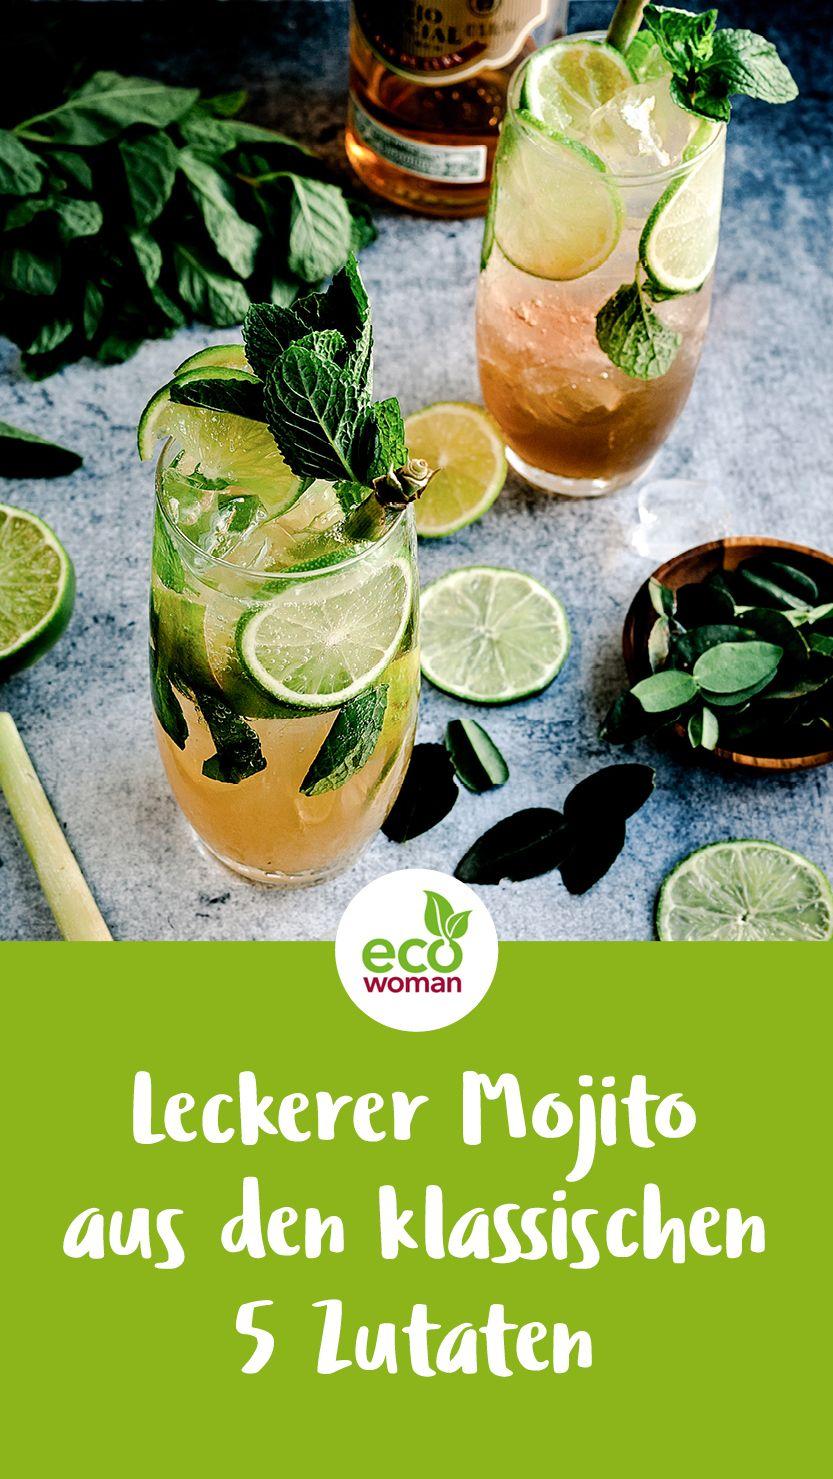 Mojito Minze Ganz Einfach Im Topf Pflanzen Und Leckere Cocktailrezepte Geniessen Mojito Minze Mojito Mojito Rezept